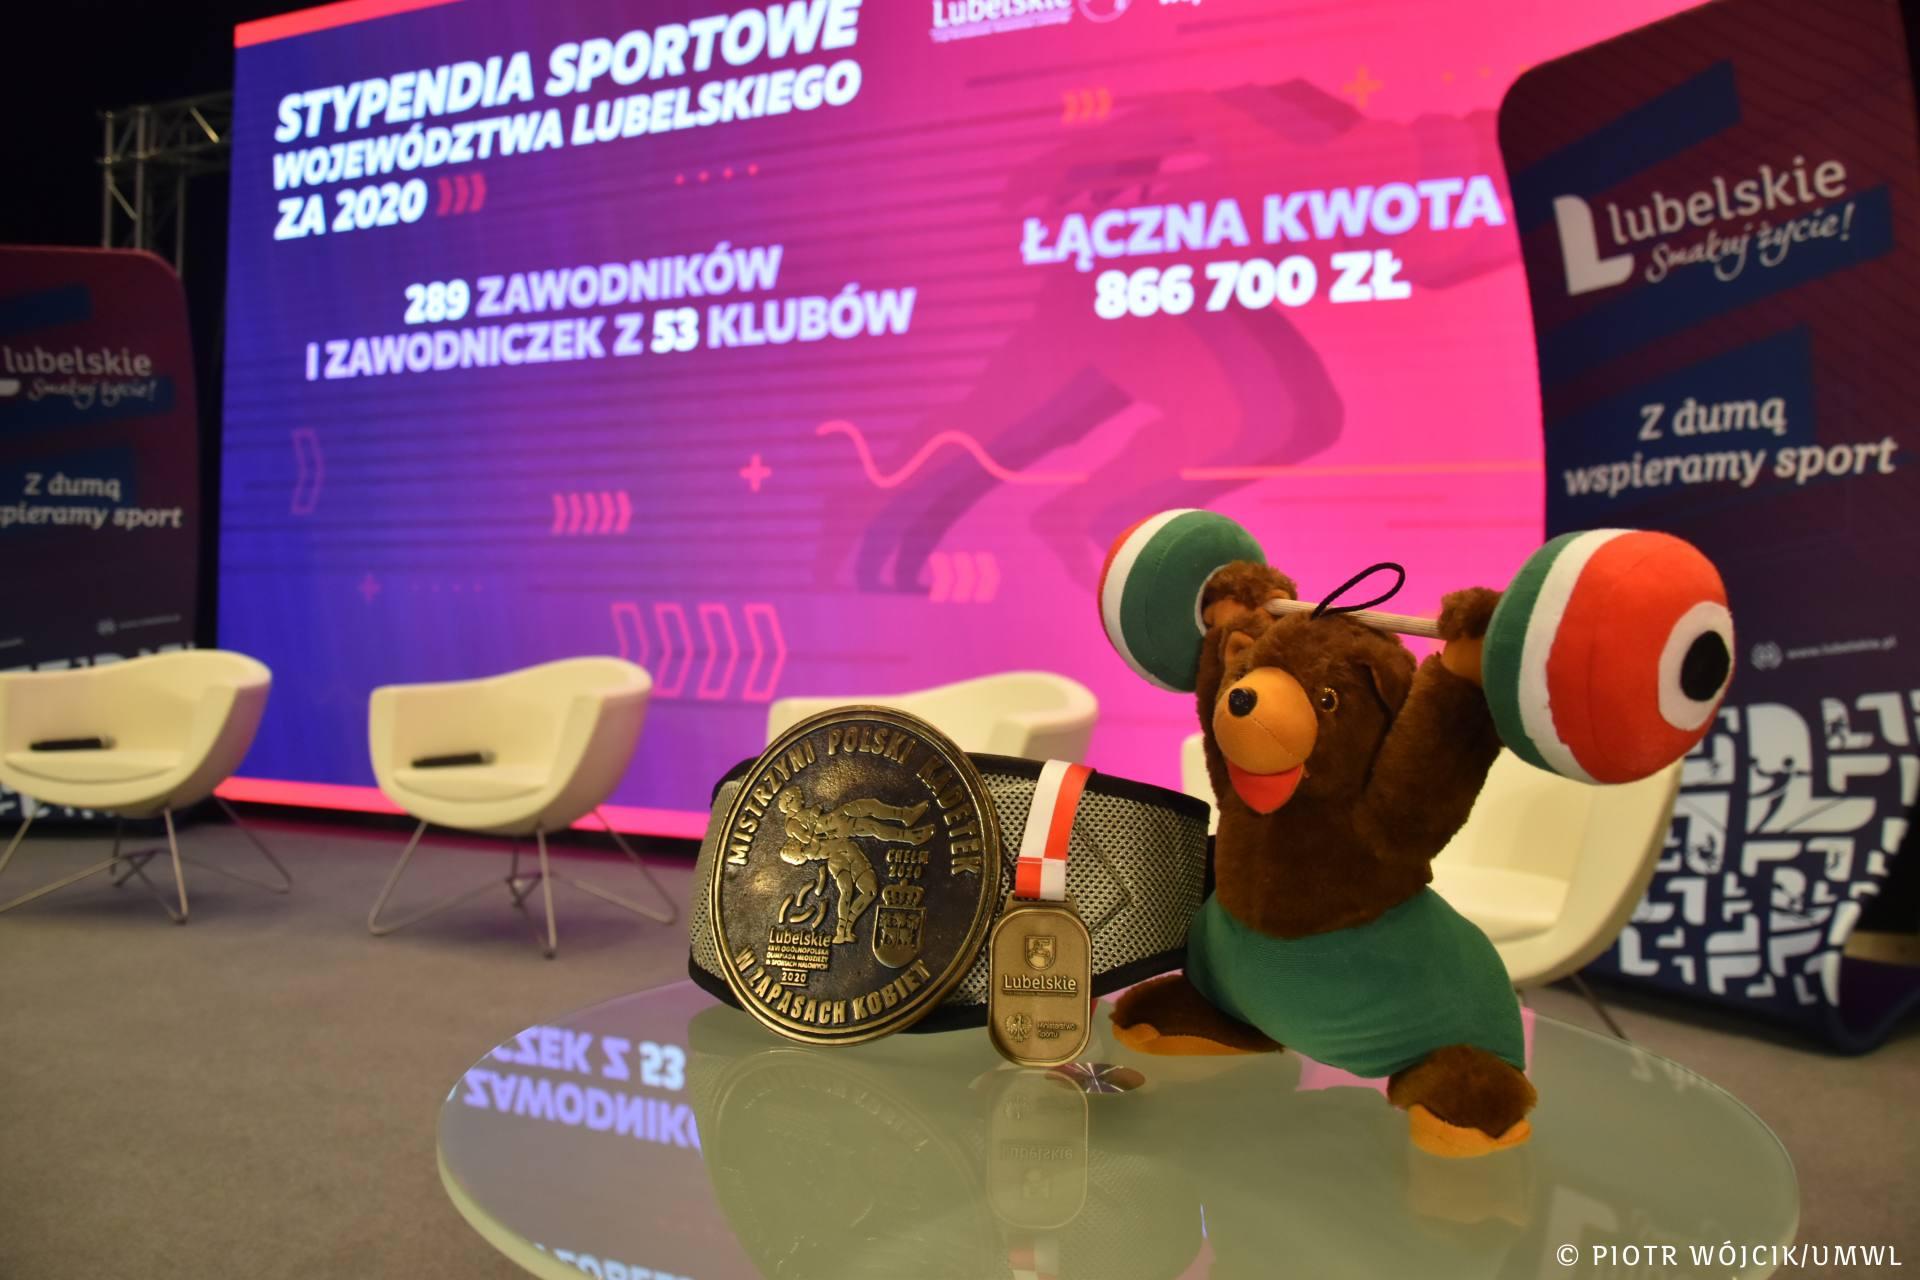 umw 0012 Stypendia sportowe Marszałka Woj. Lubelskiego na rok 2021 przyznane